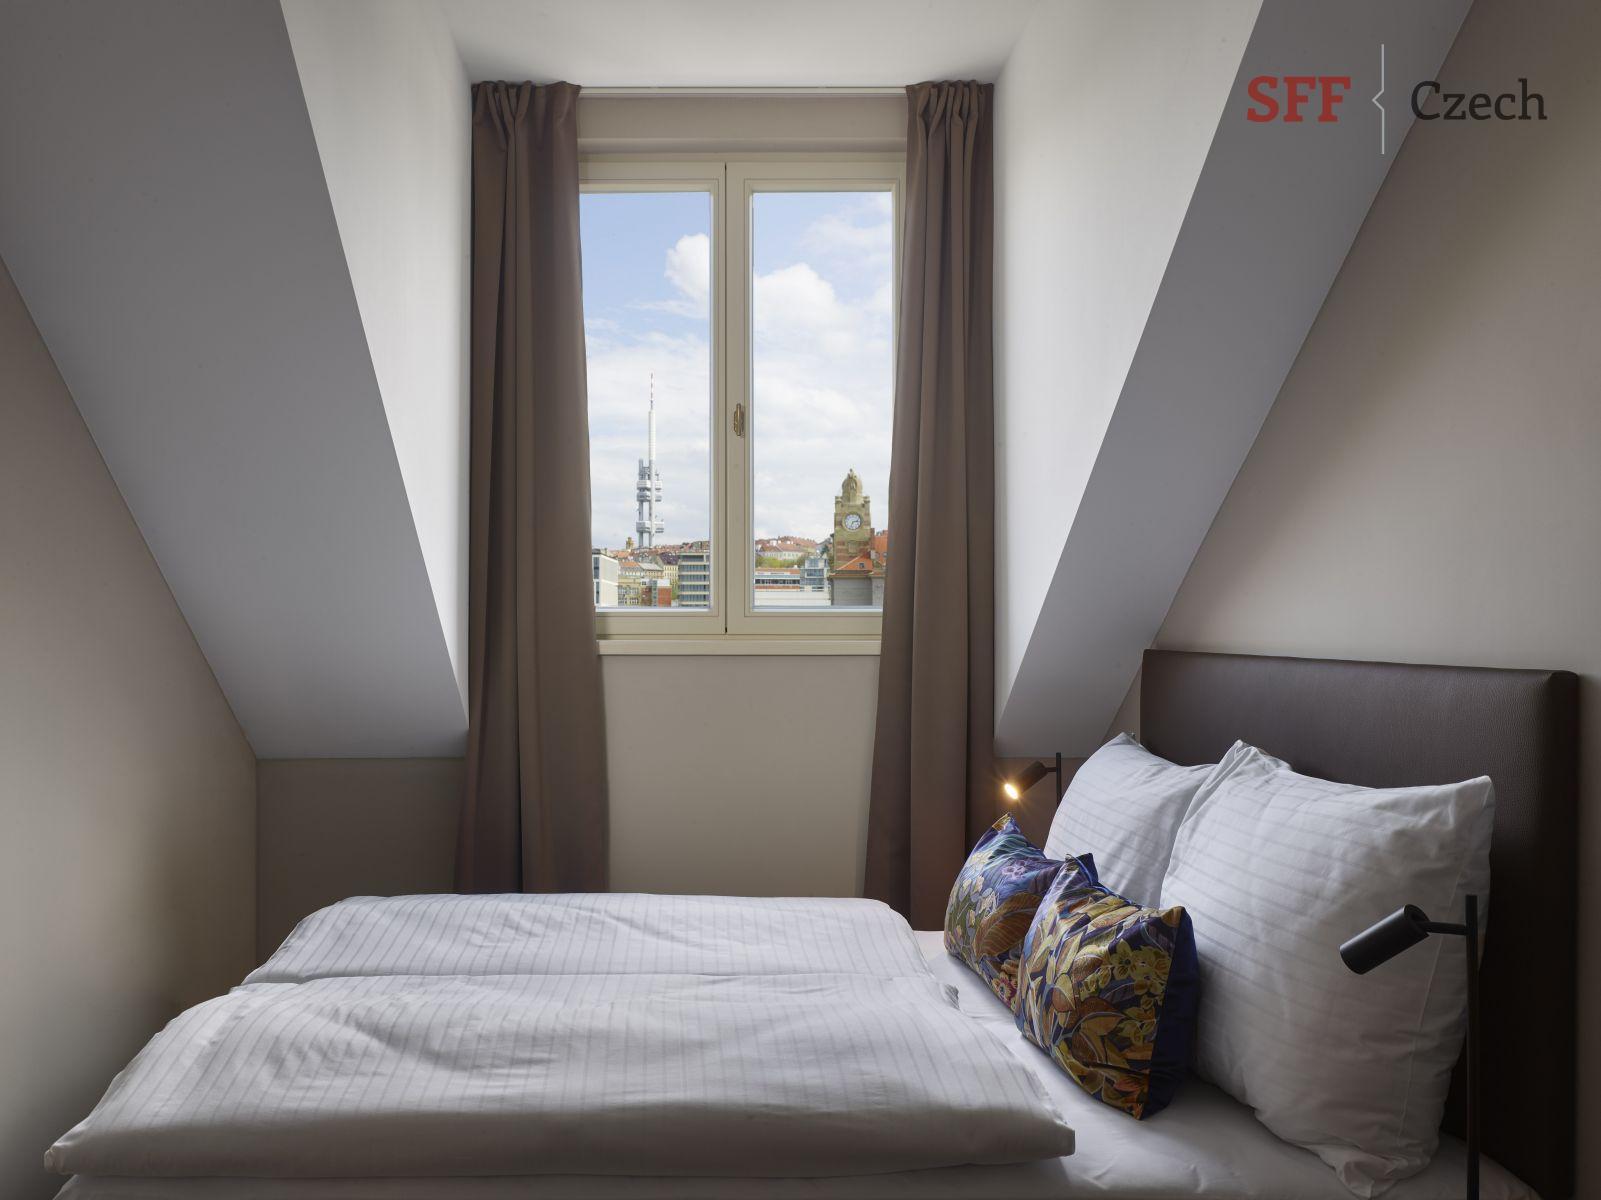 Luxusní novy plně zařízený byt v centru Prahy k pronájmu Opletalova Praha 1